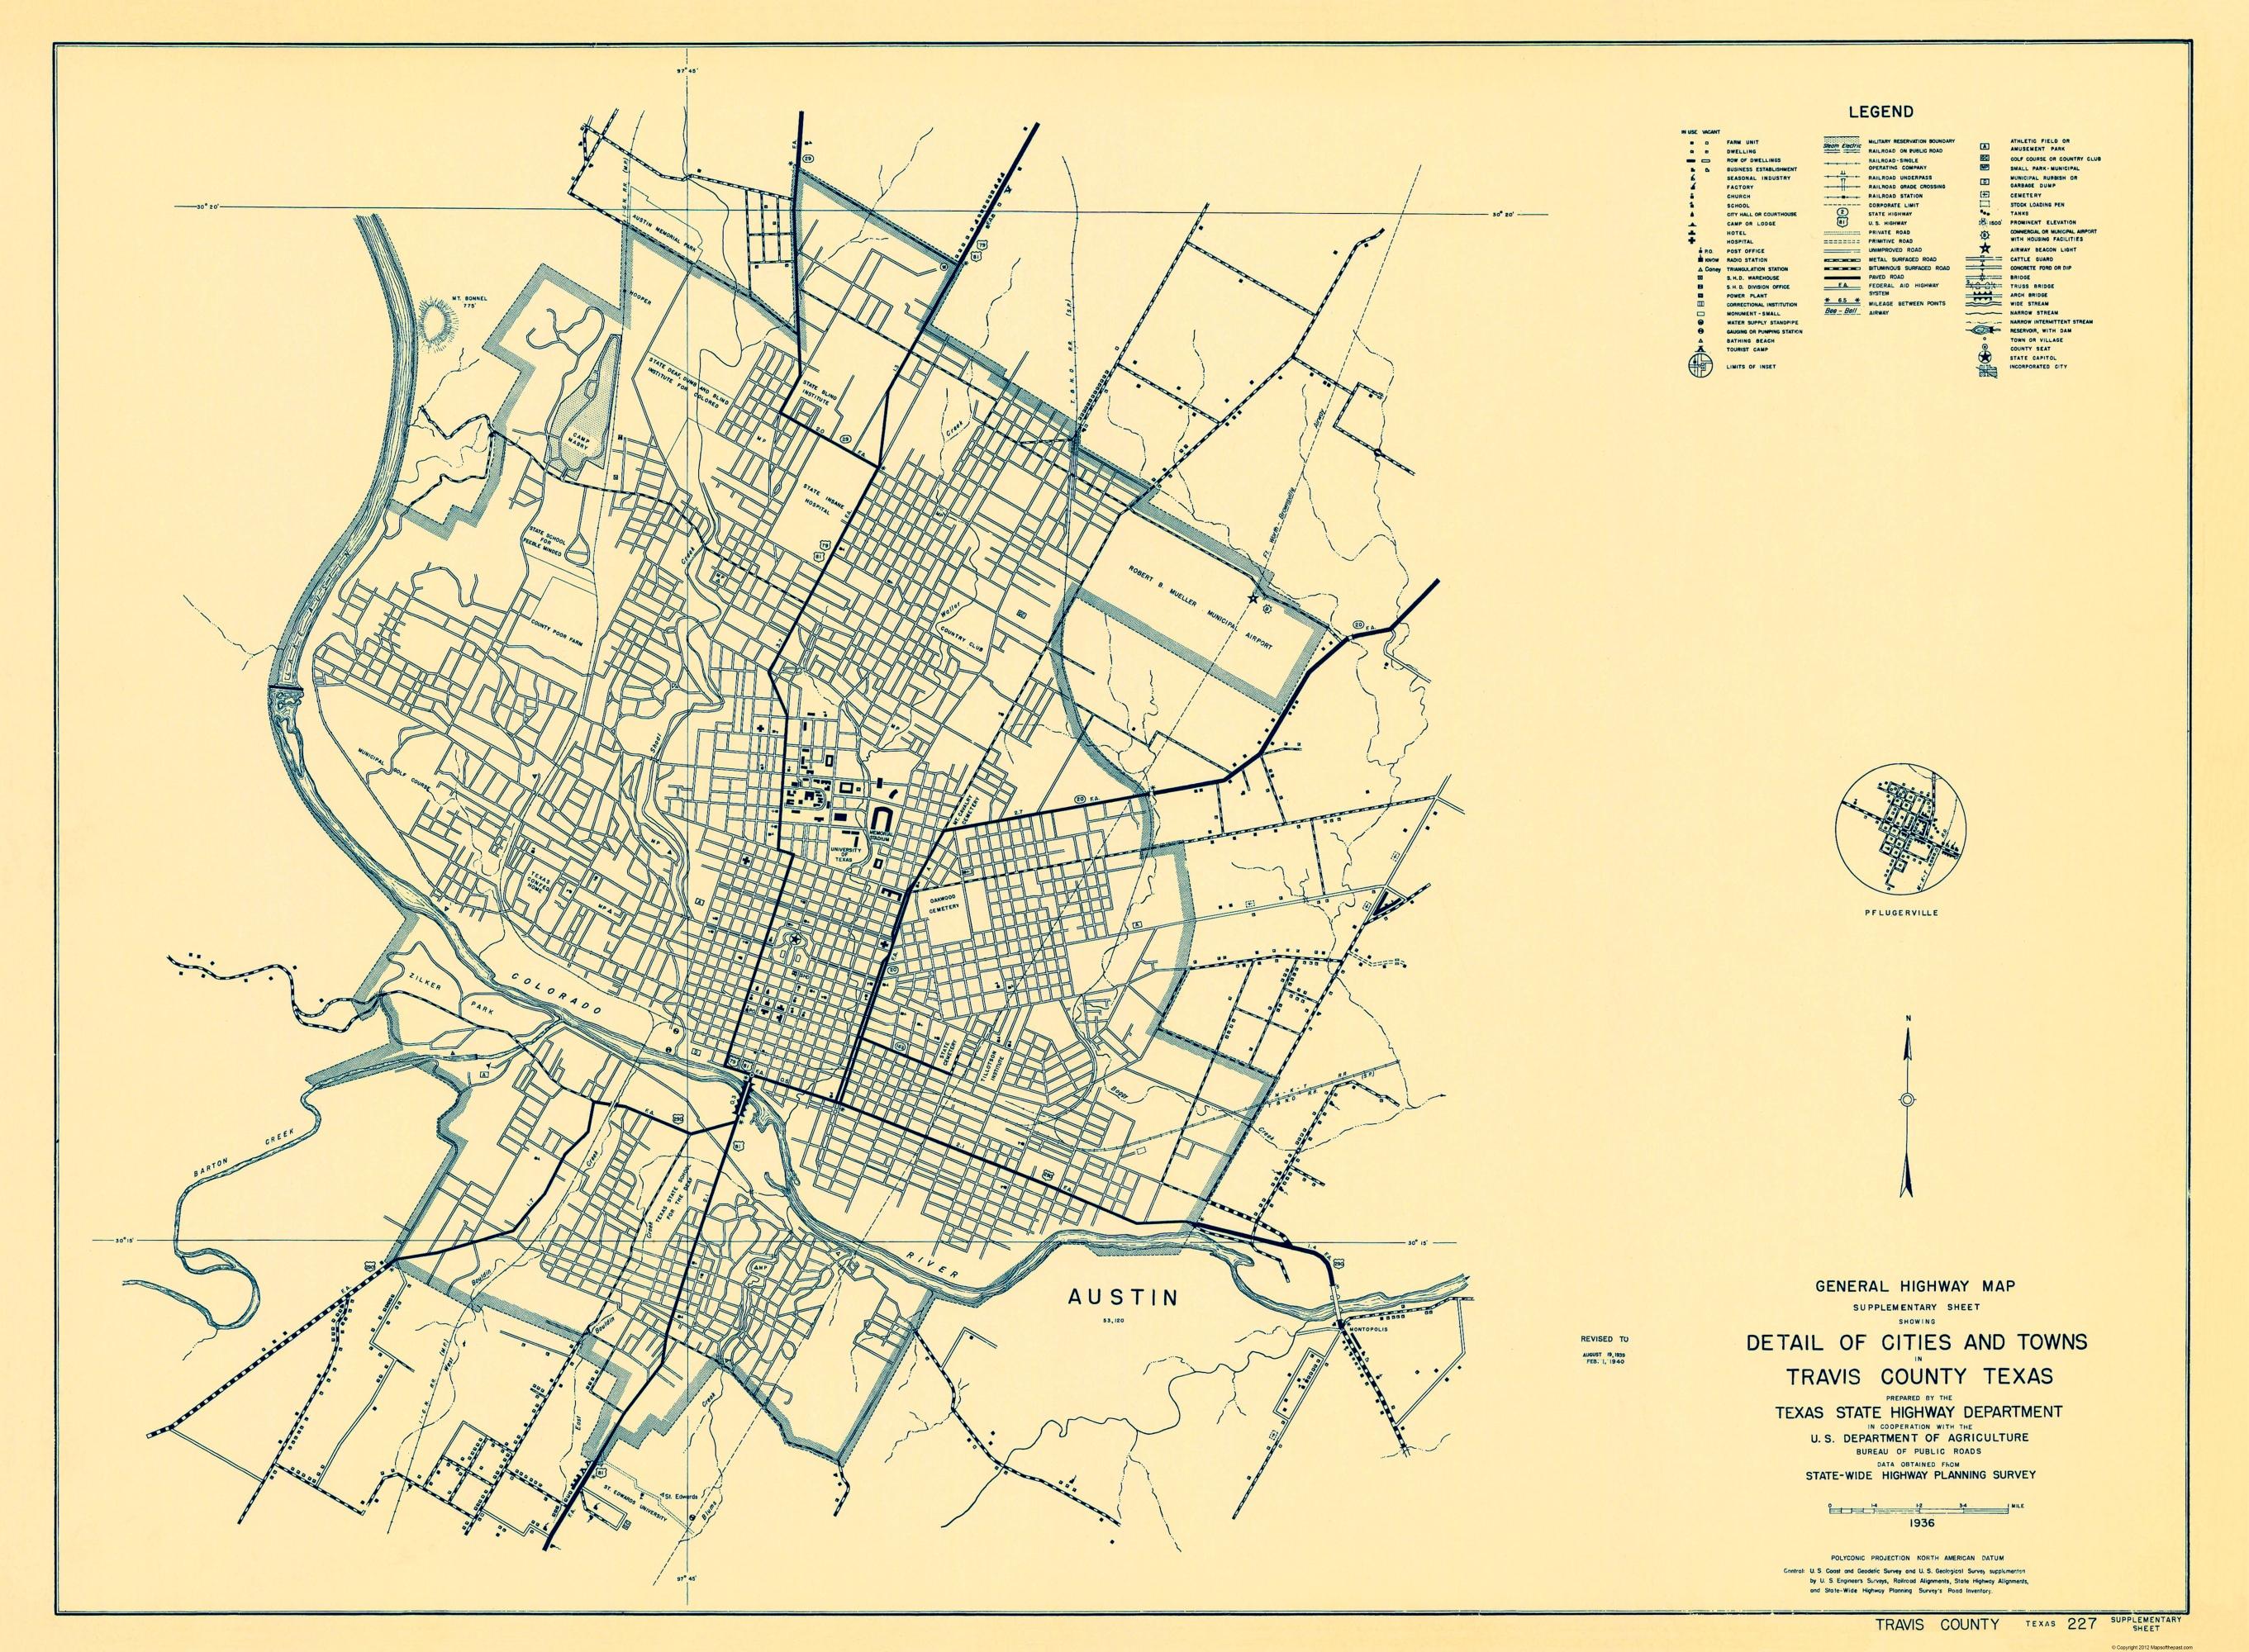 Old County Map Travis Texas Highway Highway Dept 1936